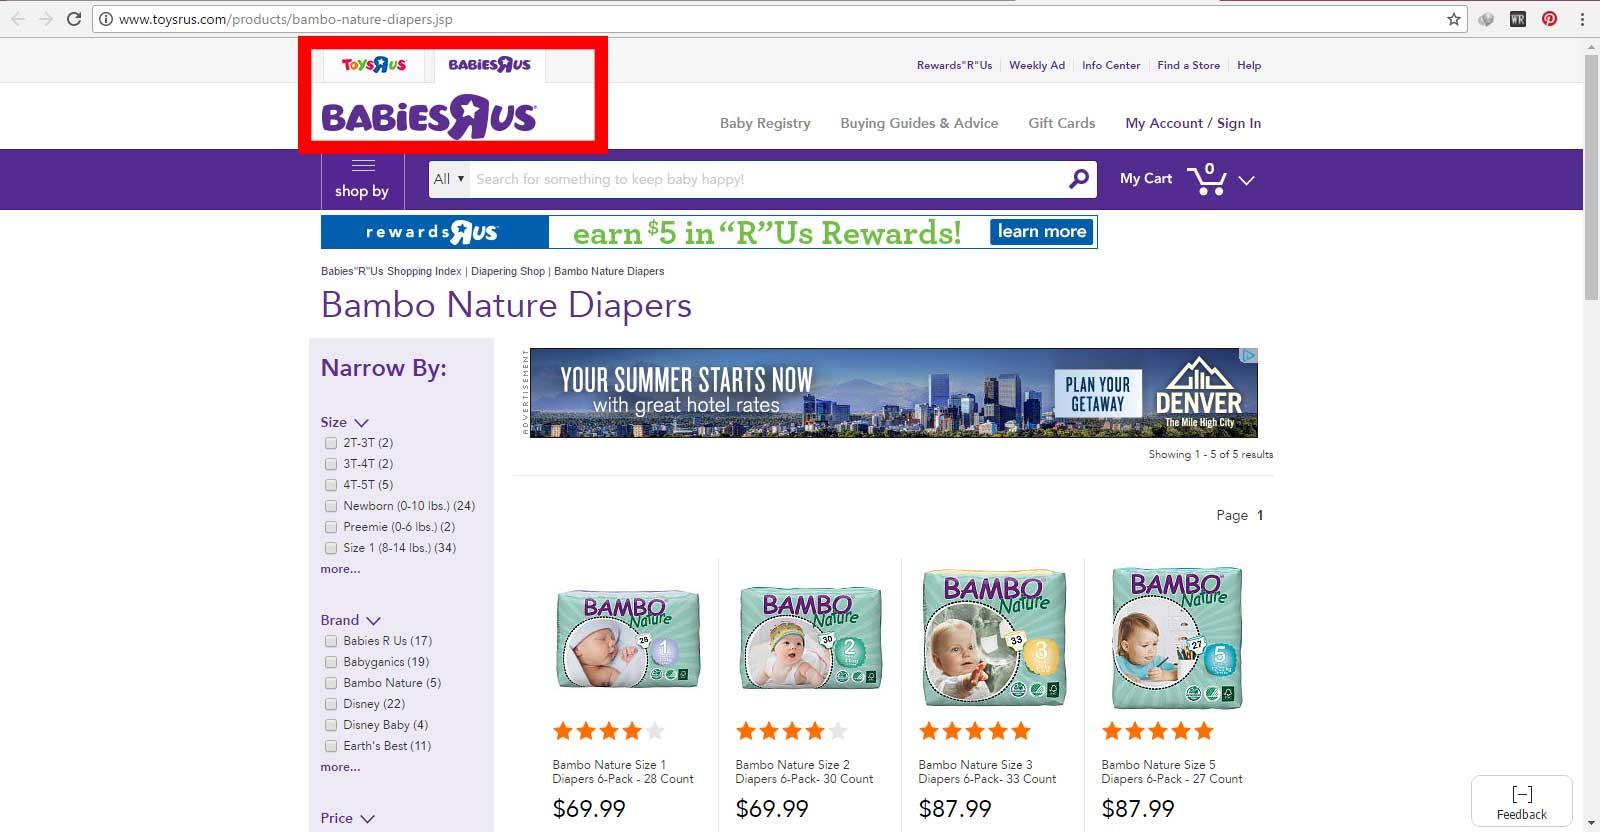 فروش پوشک بچه بامبو ساخت کشور دانمارک در سایت اینترنتی toysrus